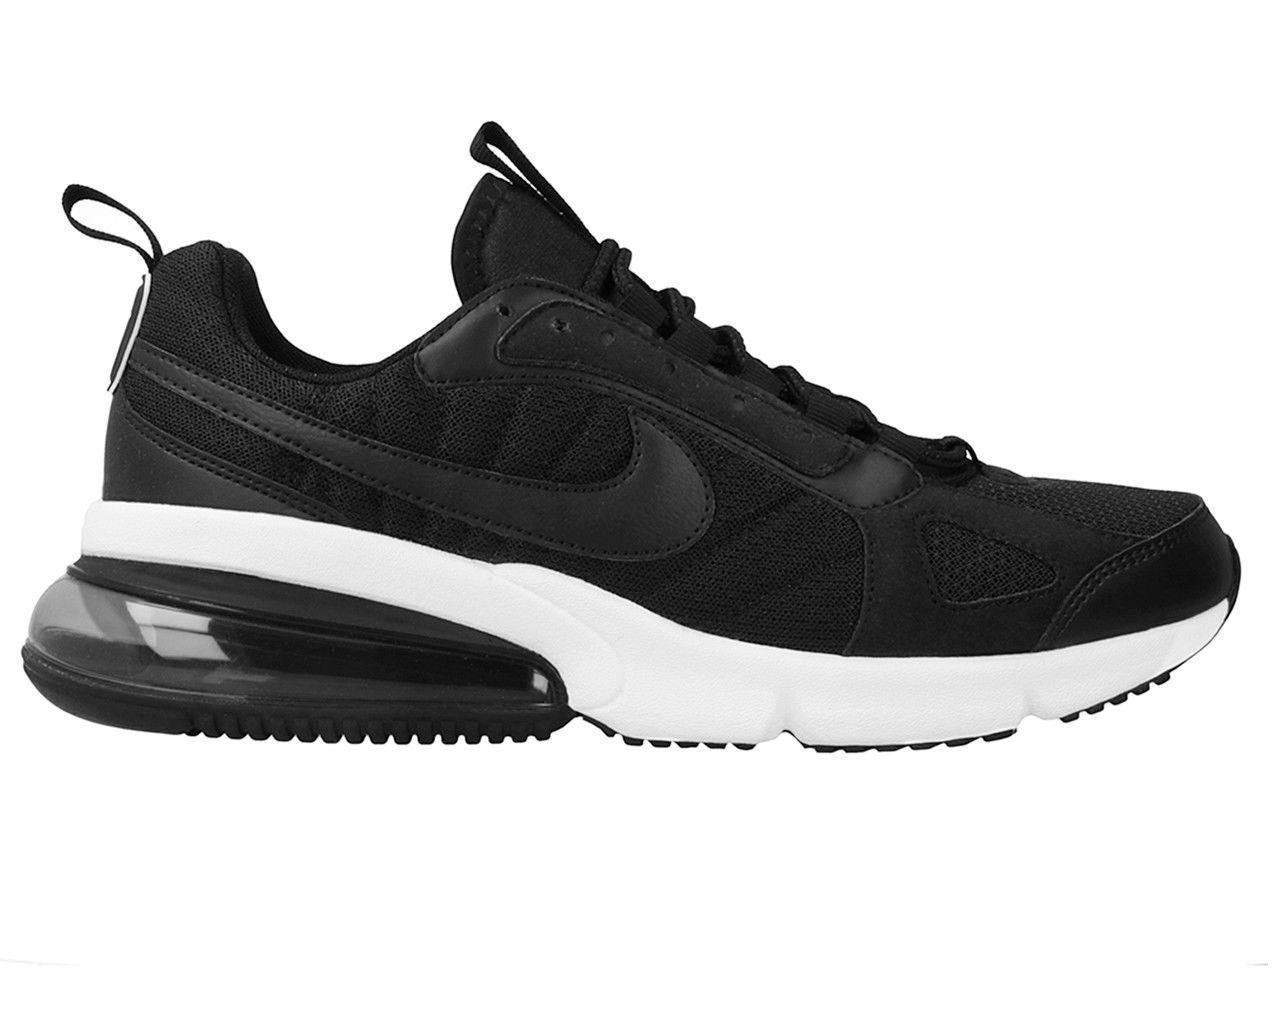 Nike Hommes Nike Air Max 270 Futura paniers Noires (Ao1569 001)